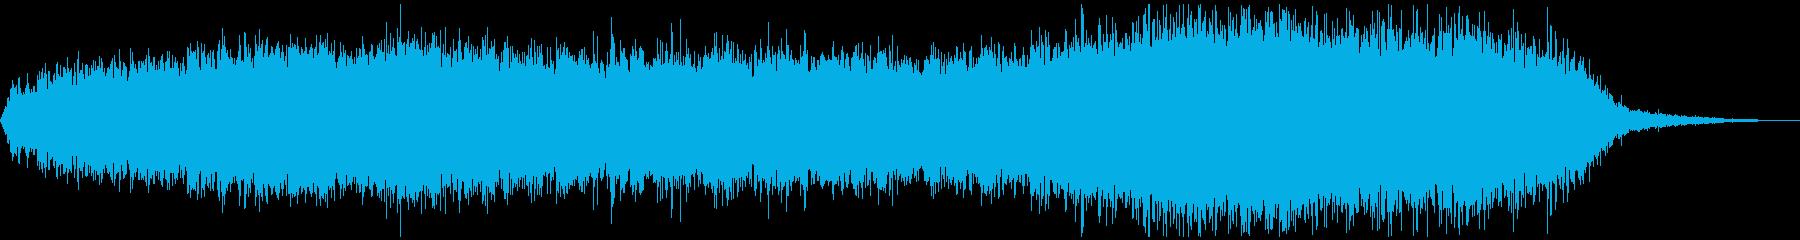 ローファイレトロ、不思議空間音楽の再生済みの波形